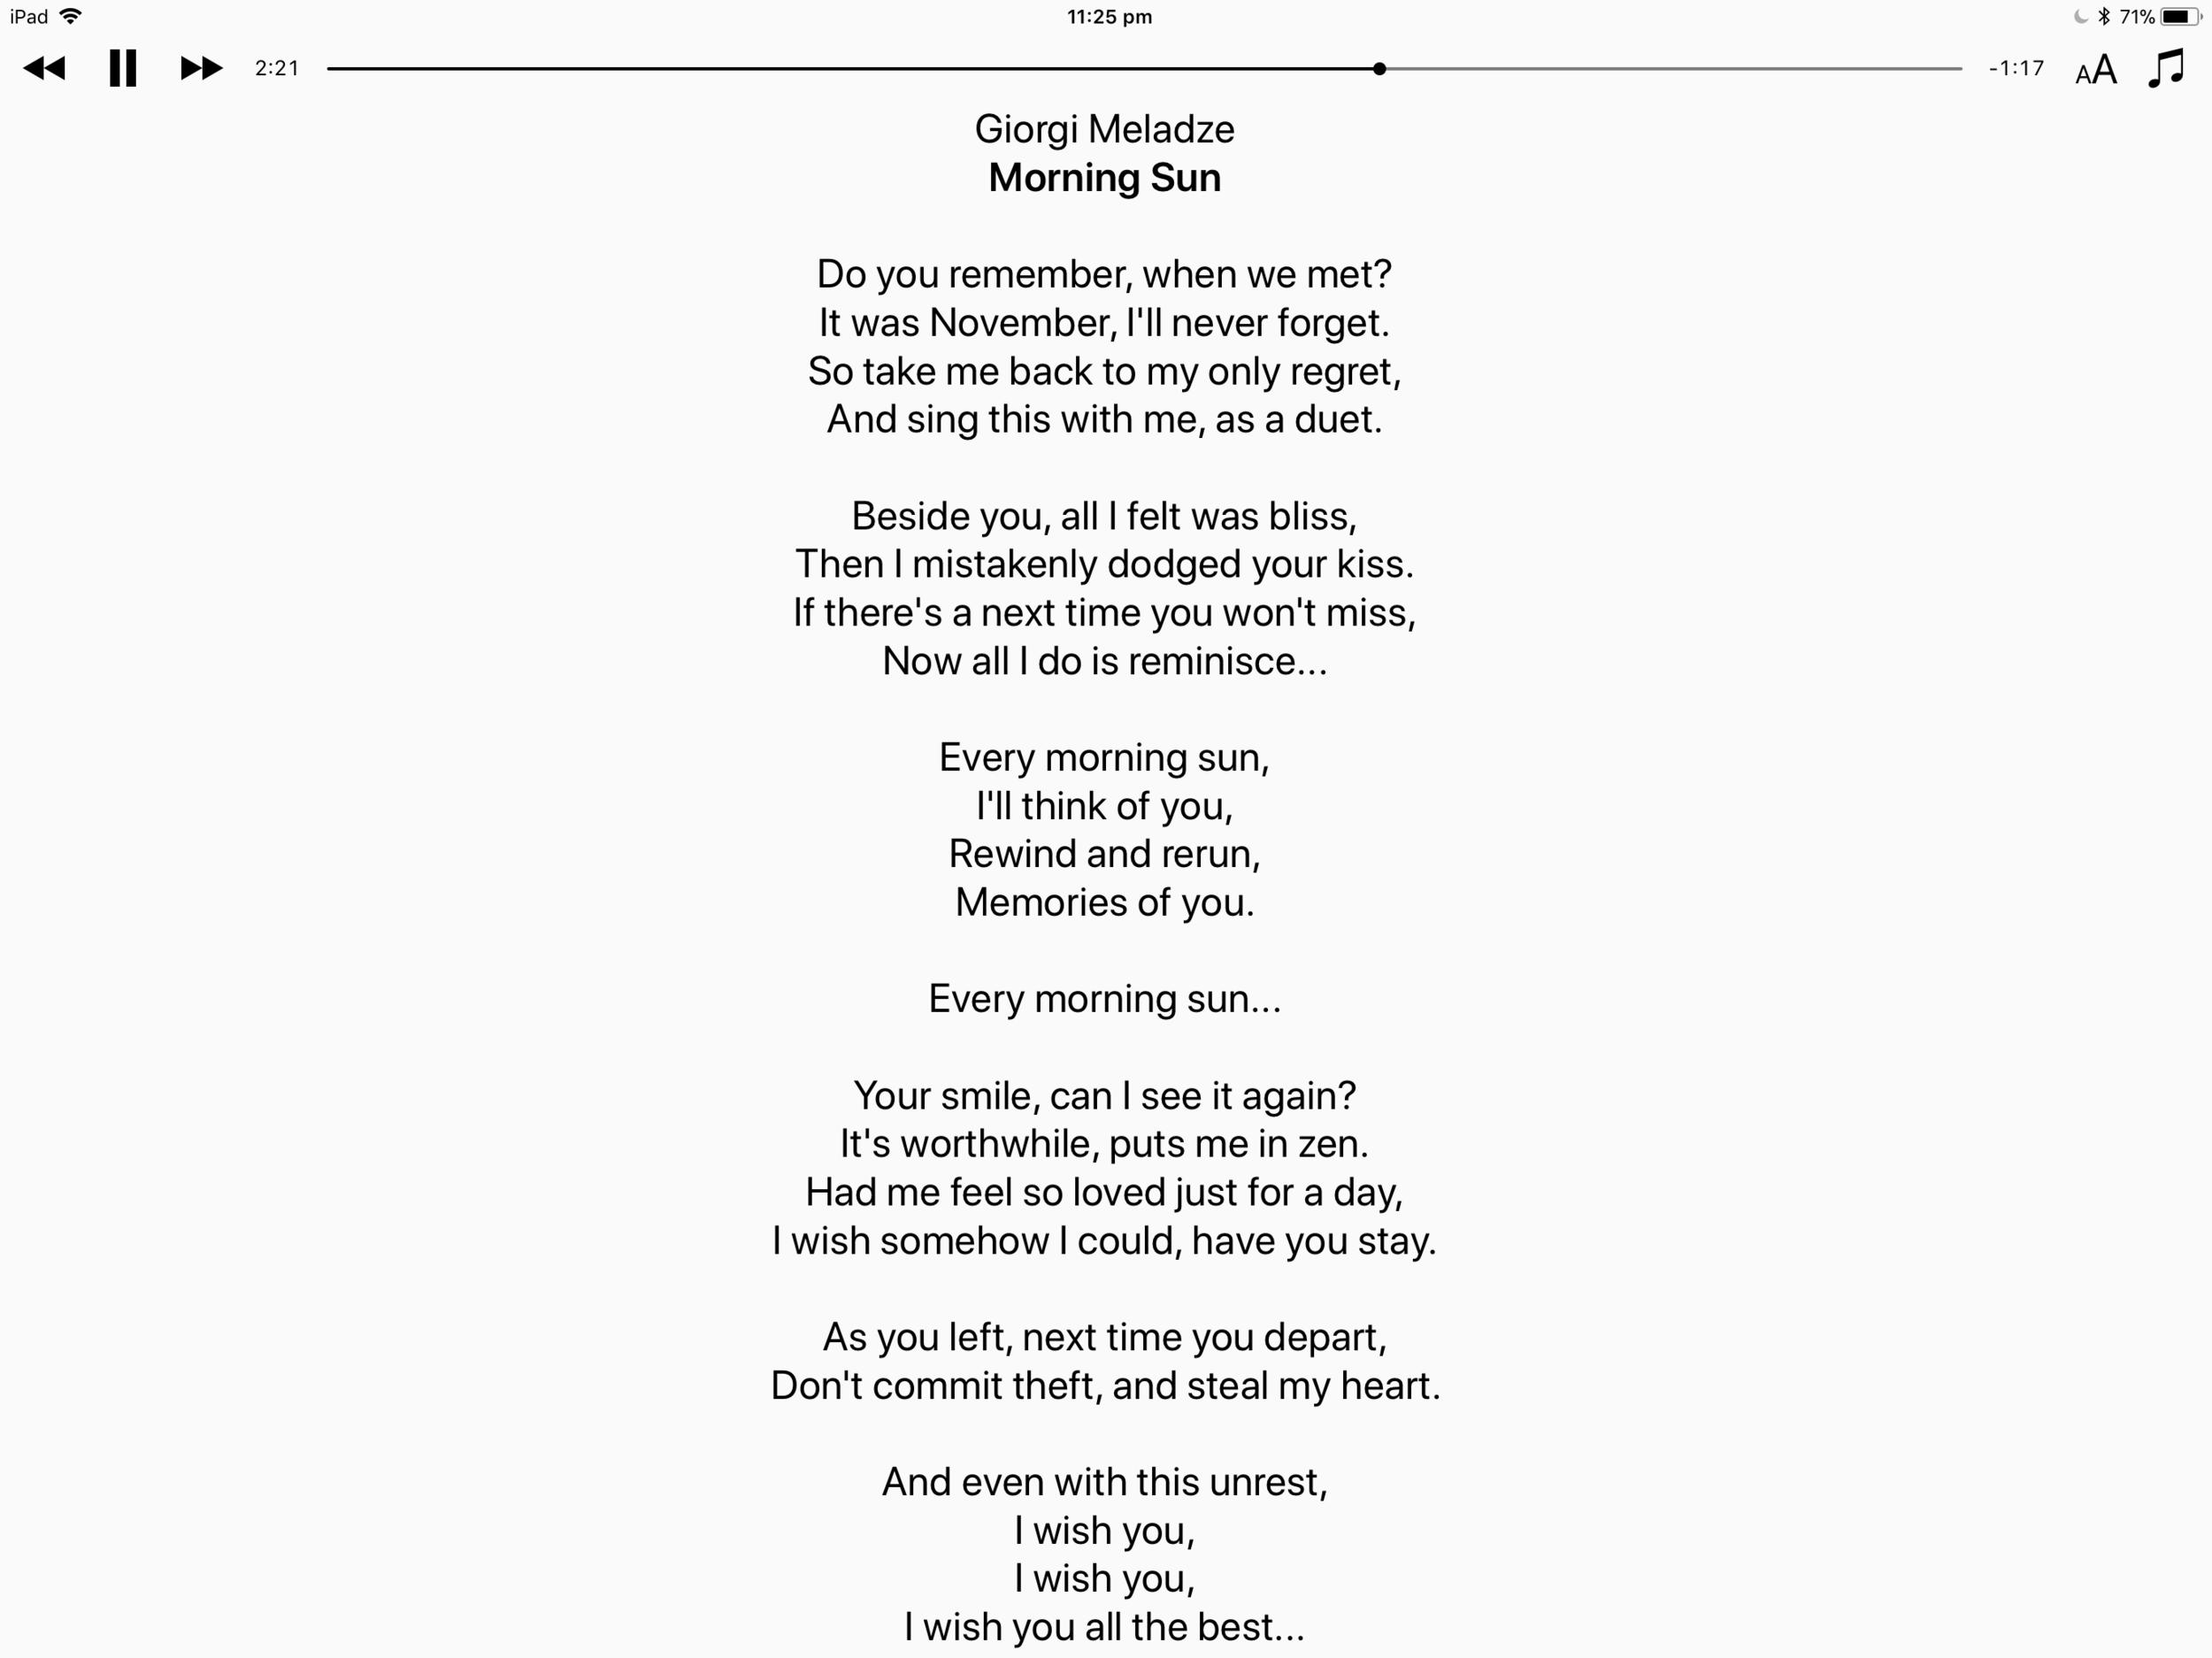 lyrics_view_ipad_screenshot_2.PNG